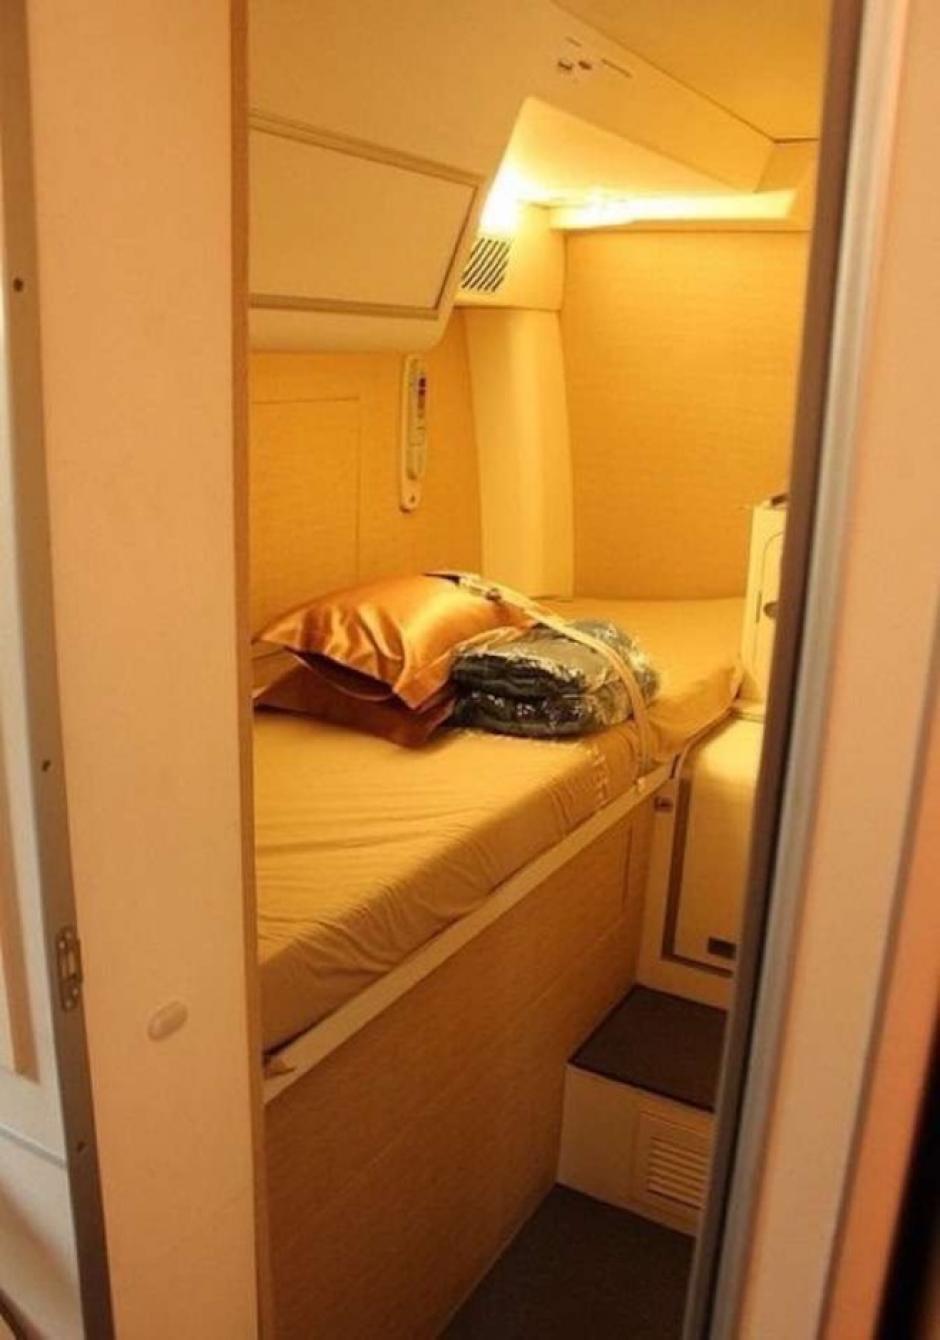 Así lucen las camas del crew. (Foto: The Chive)